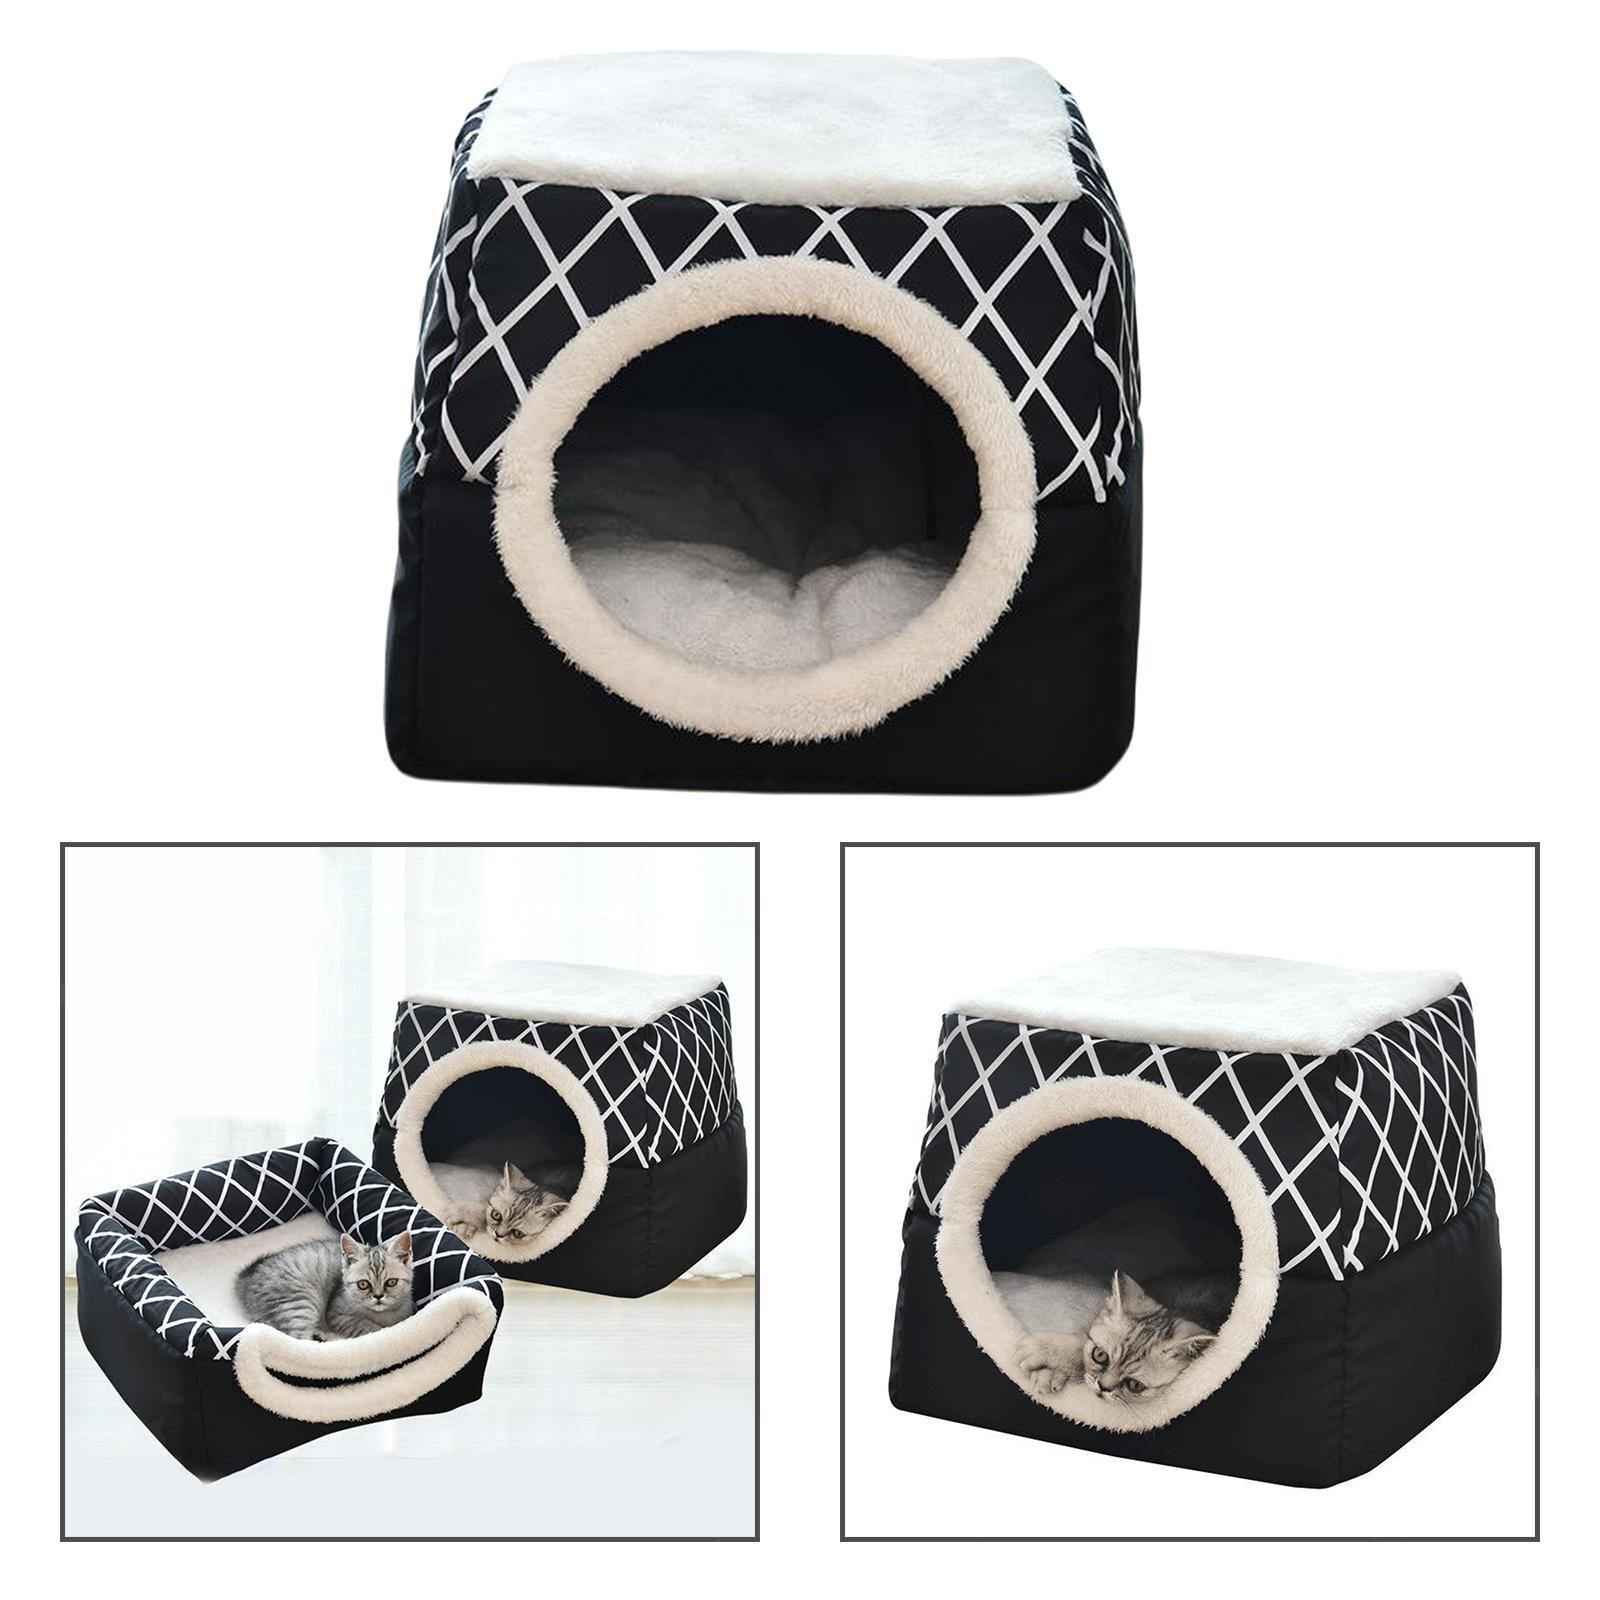 Indexbild 39 - 2-in-1-Weichen-Katzen-Haus-Schlafen-Bett-Zwinger-Puppy-Cave-Warme-Nest-Matte